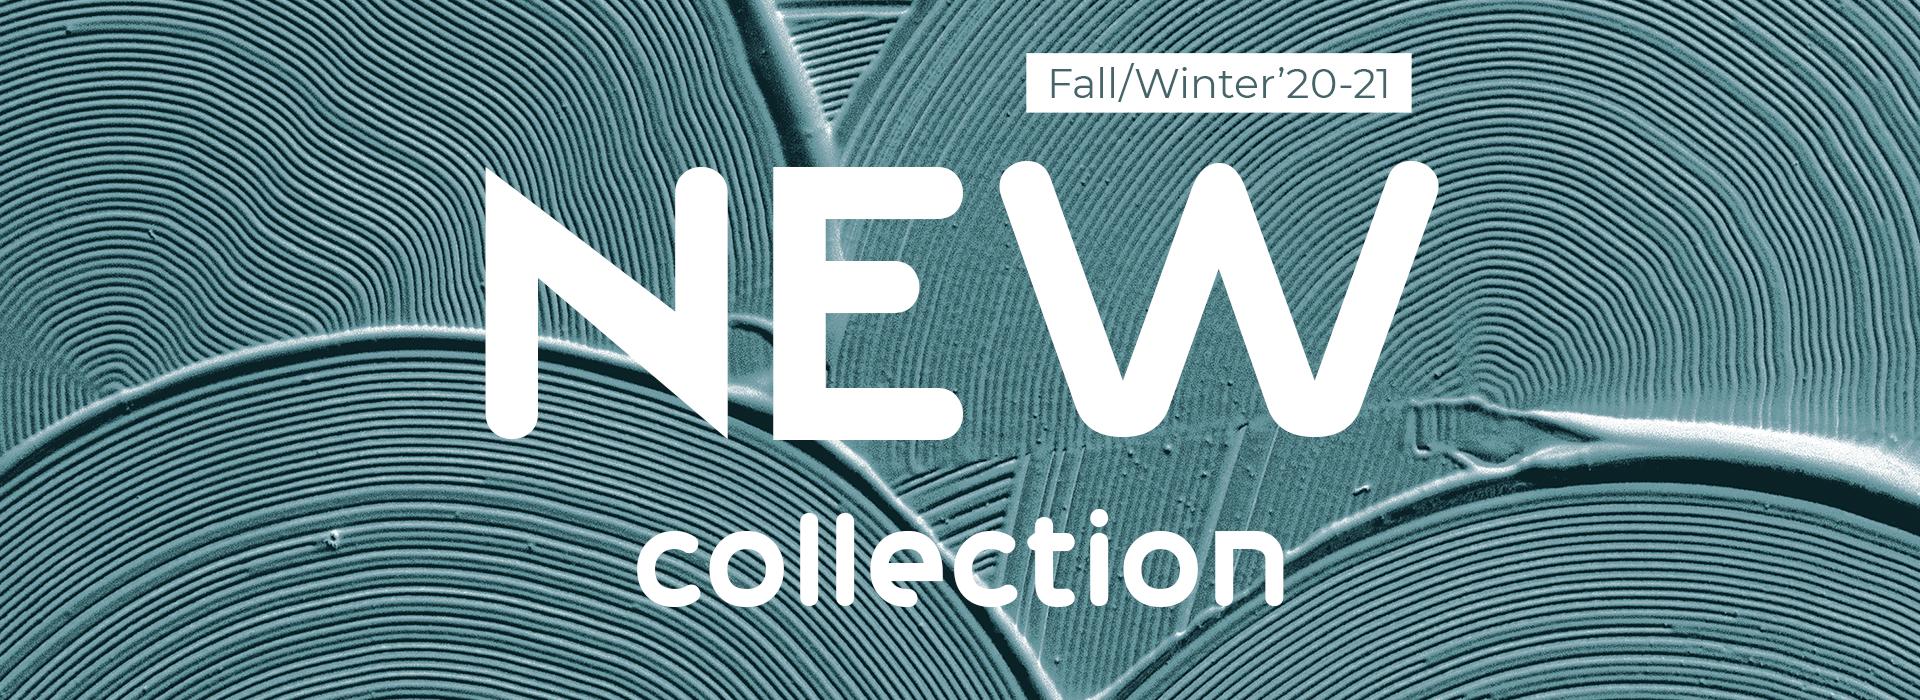 Первое поступление коллекции Осень-Зима 2020-2021